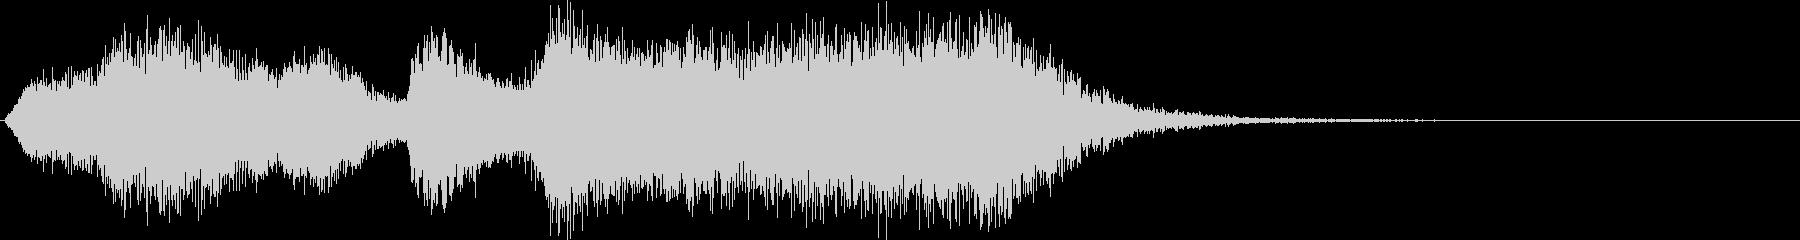 達成感あふれる管弦楽ファンファーレの未再生の波形